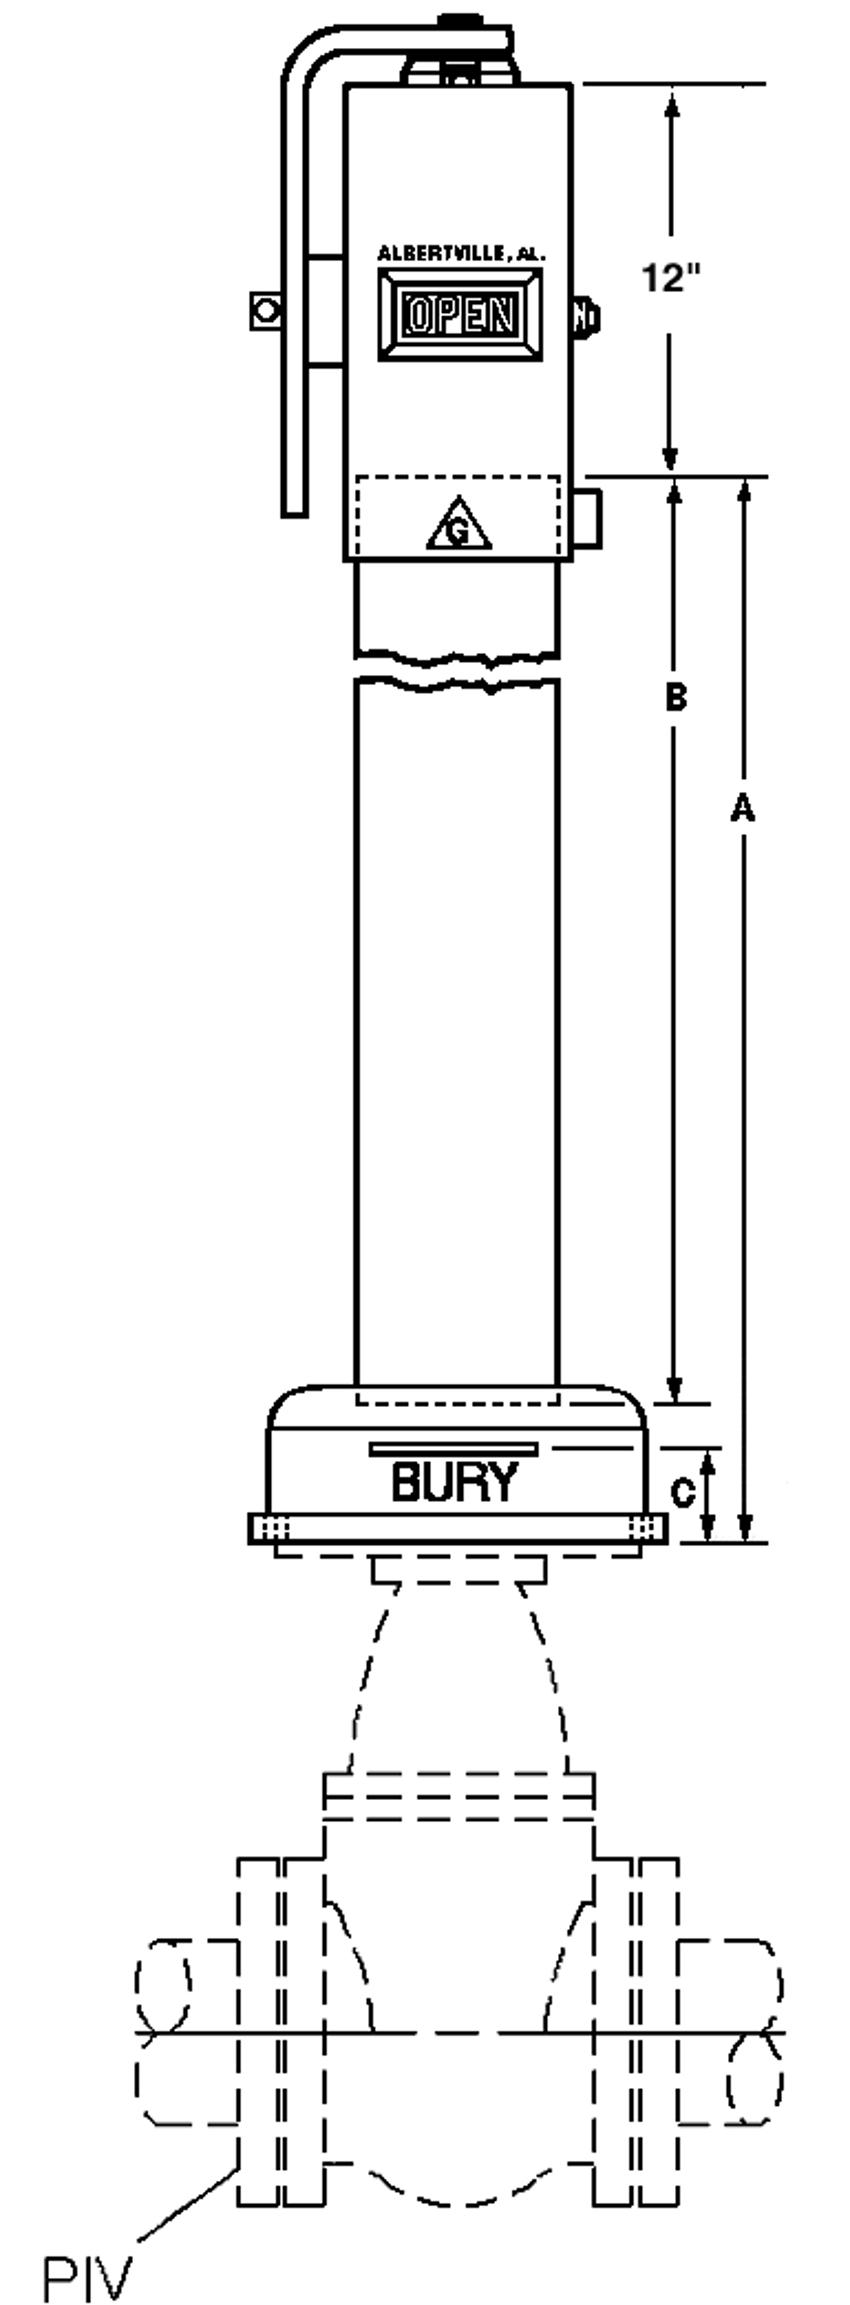 U-20809 Dimensions Drawing